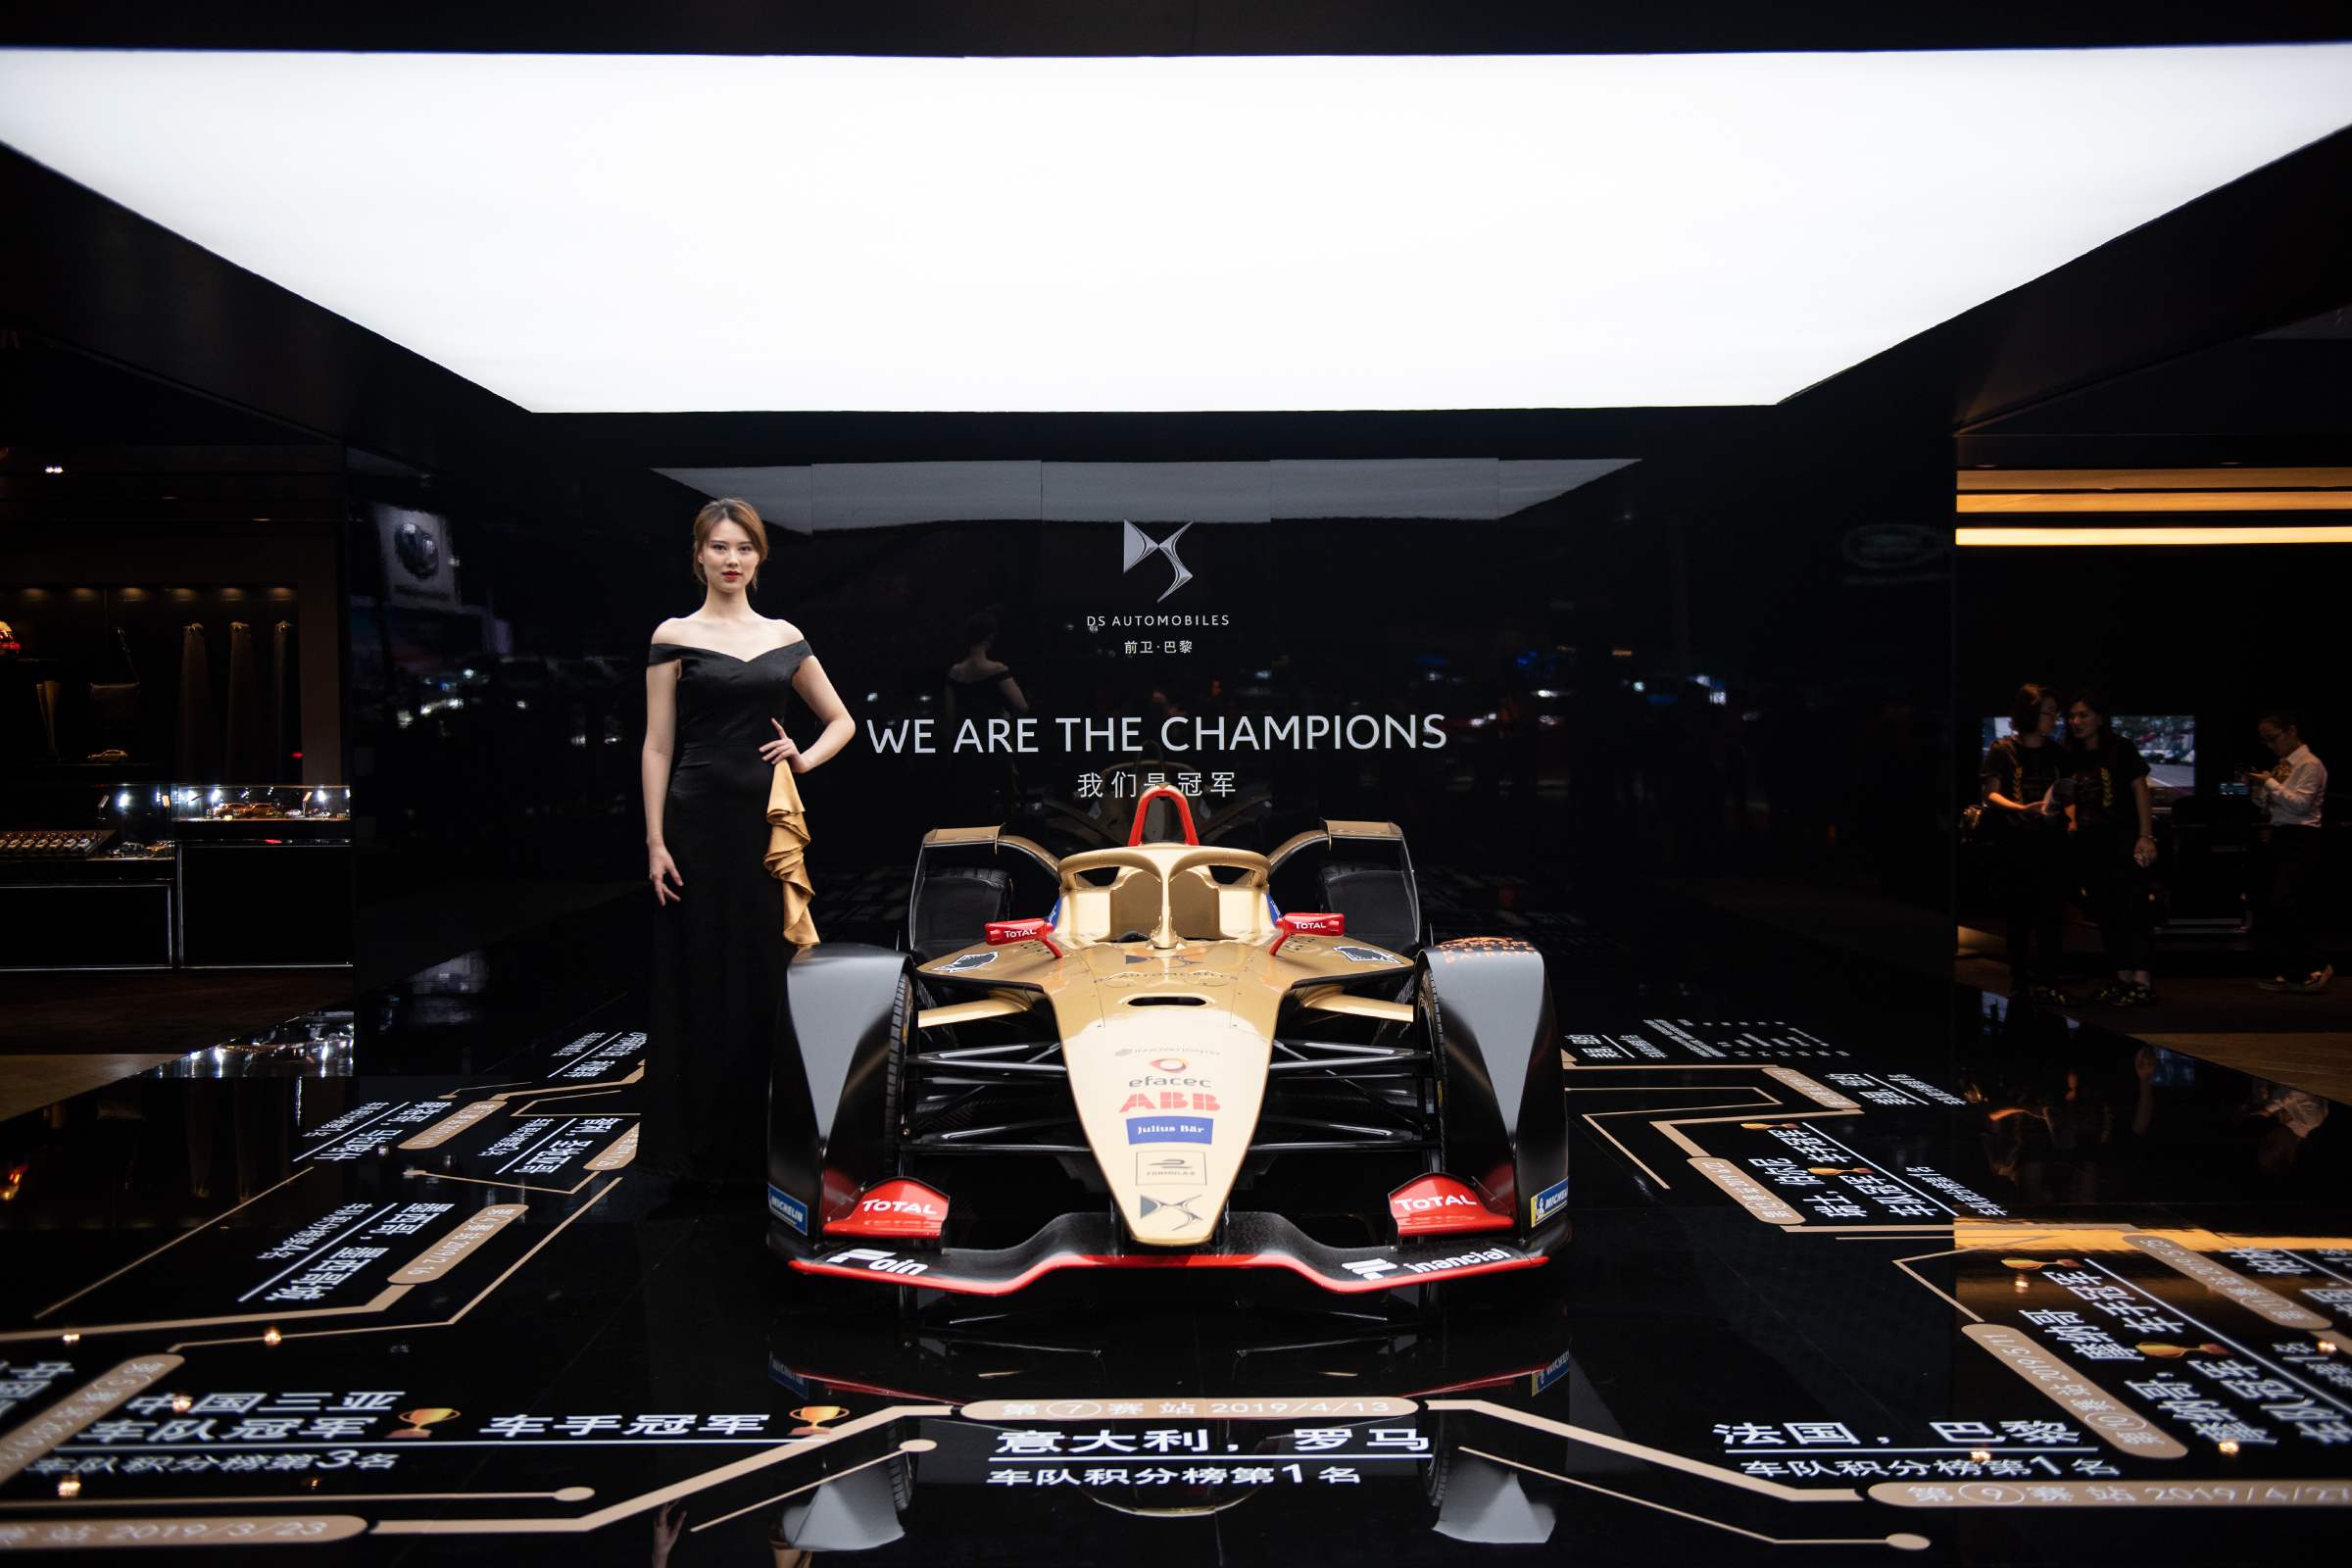 各大车企梦寐以求的2019 FE电动方程式冠军被DS拿了,这是他们背后的故事